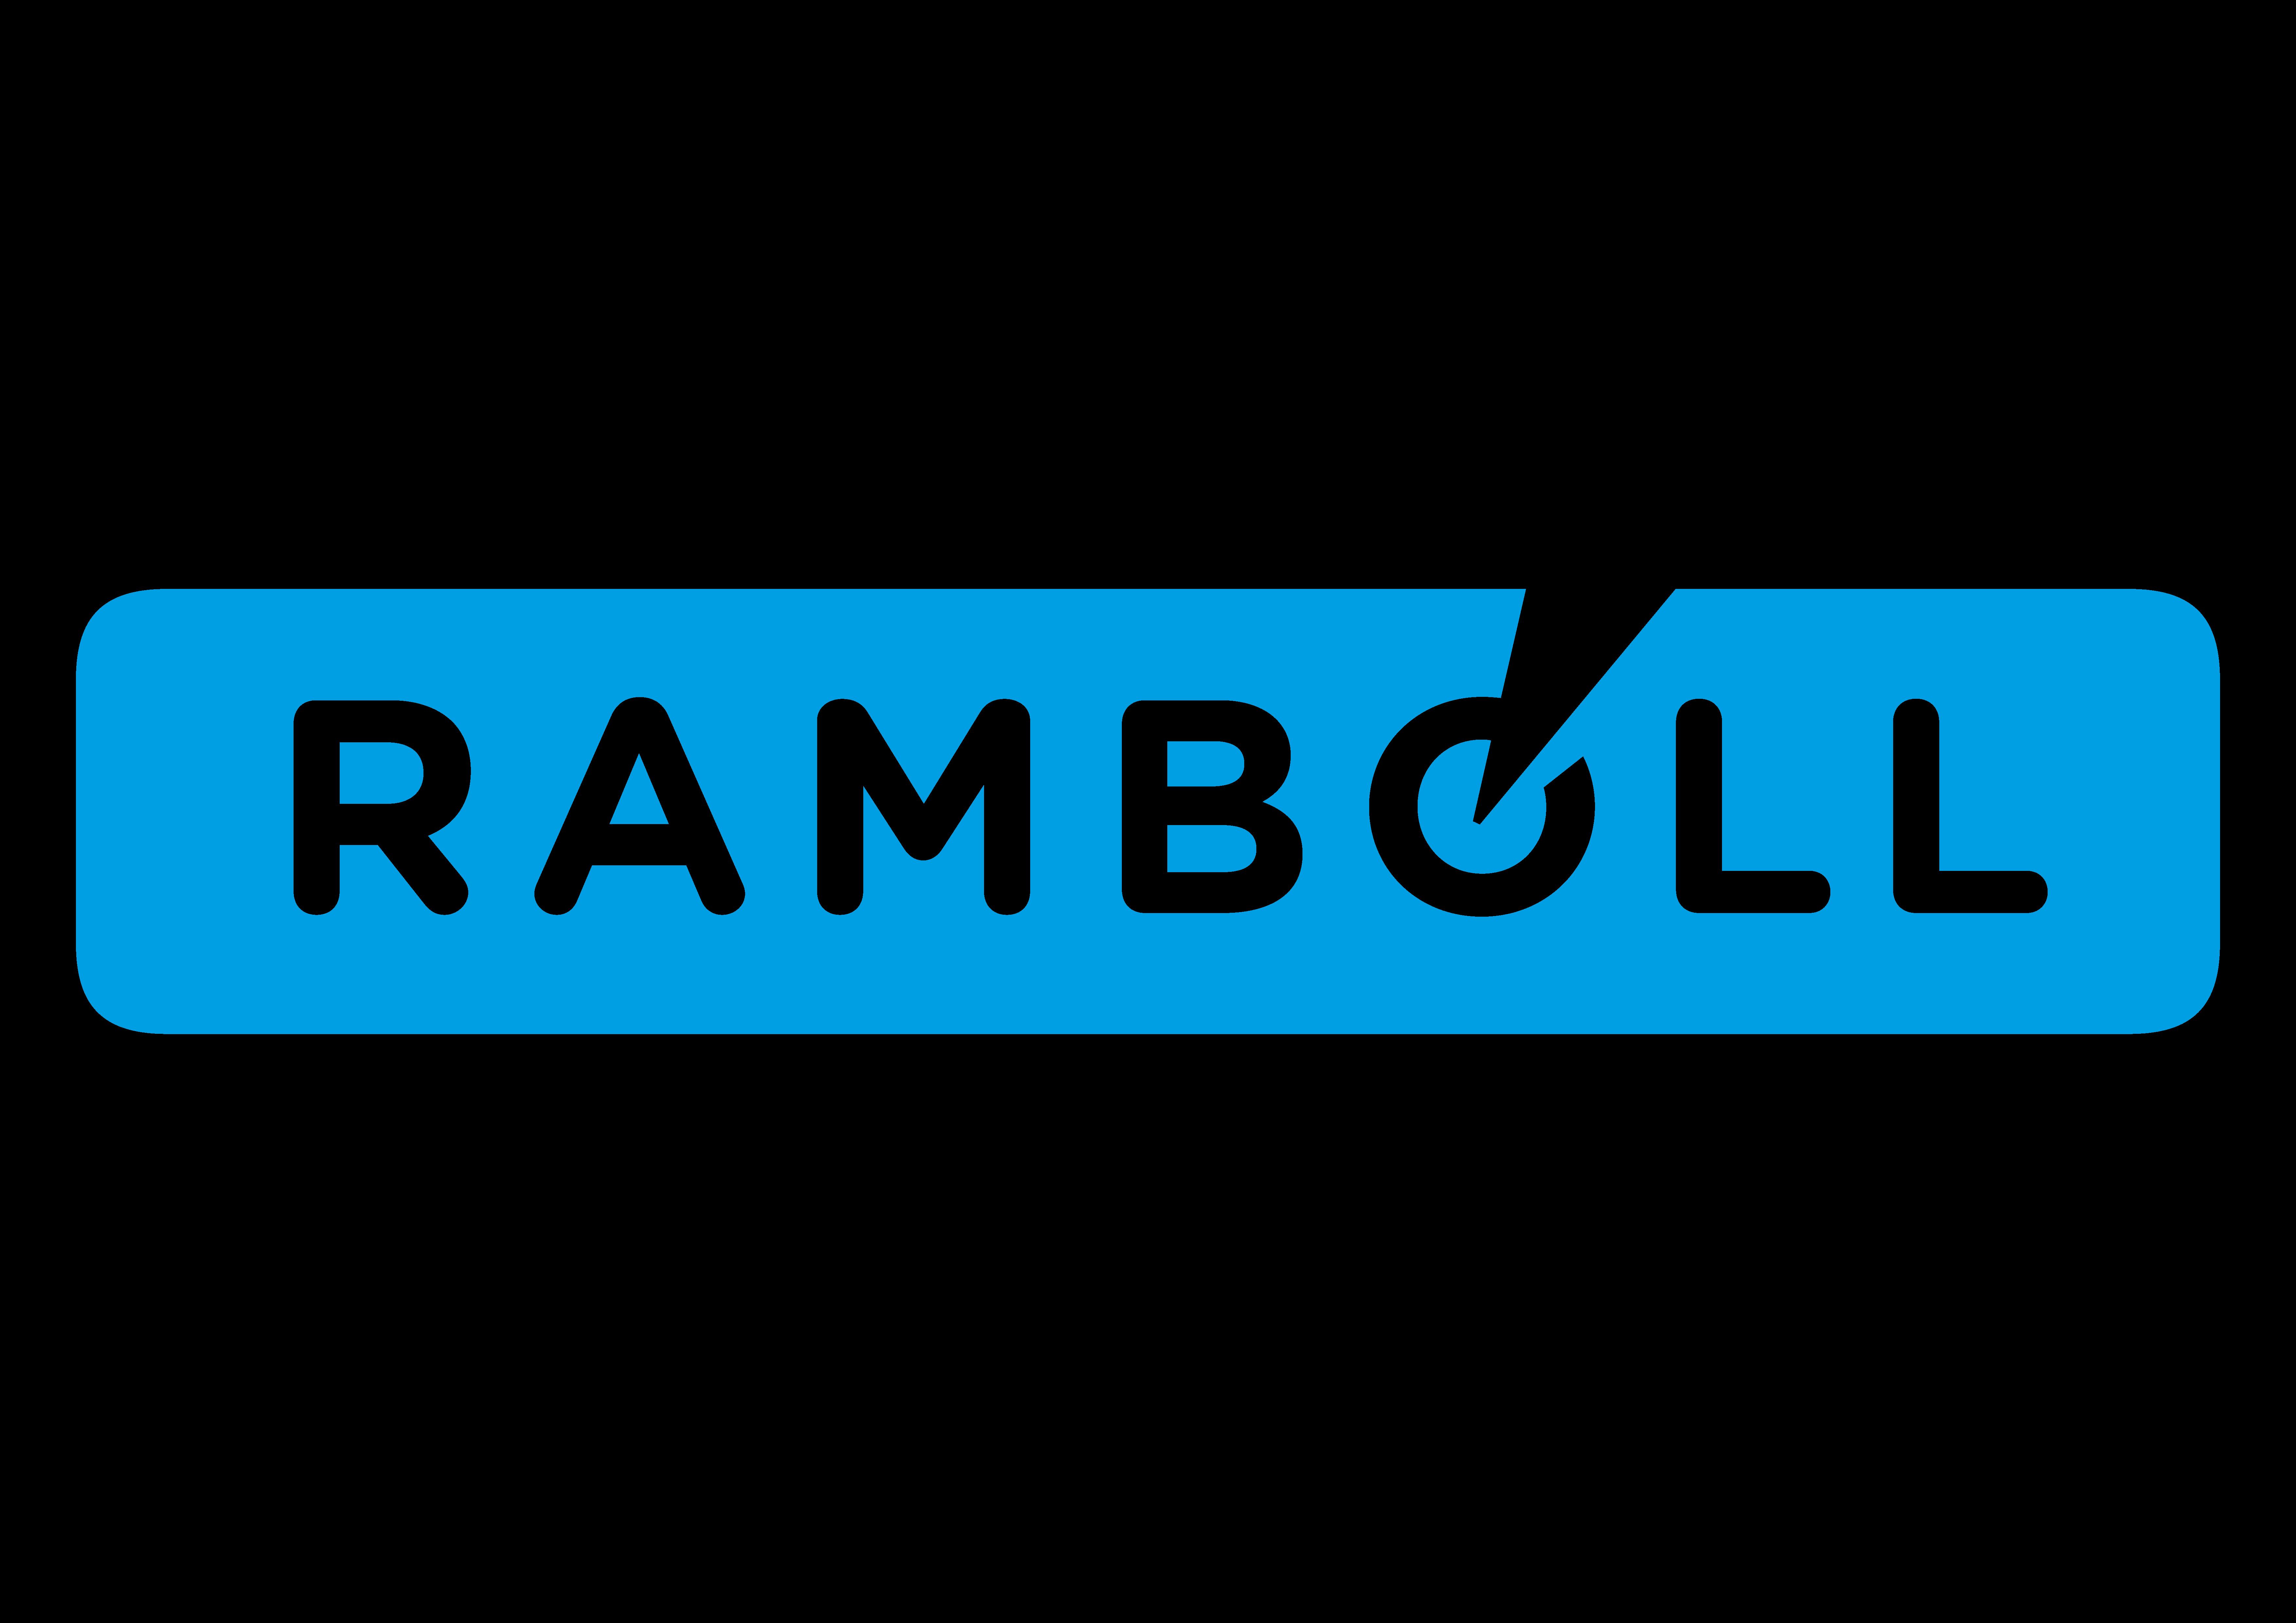 ramboll_logo.png (176 KB)